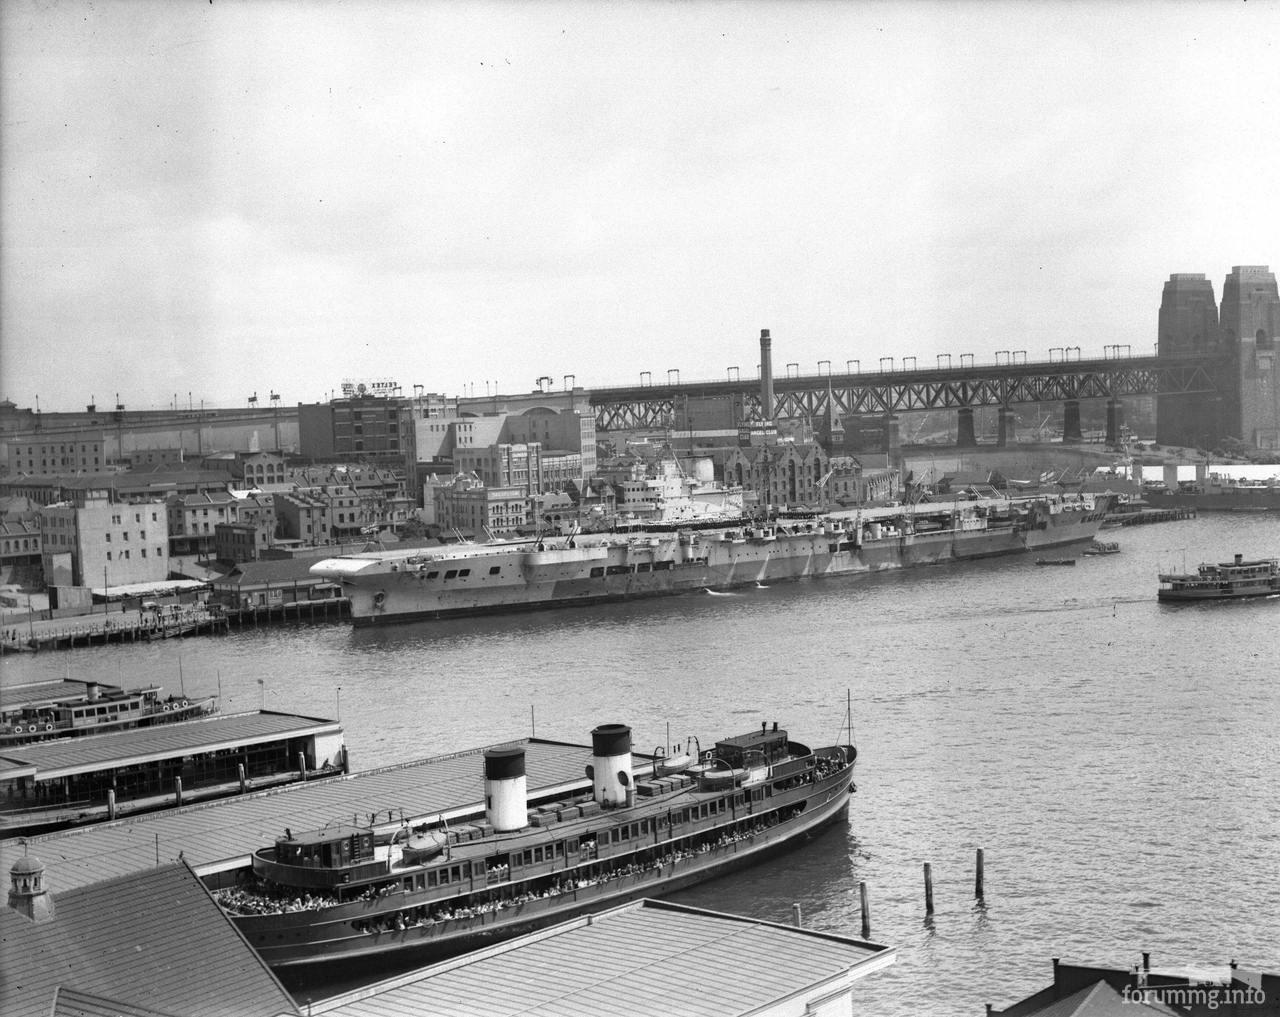 118217 - Авианосец HMS Formidable в Сиднее, октябрь 1945 г.